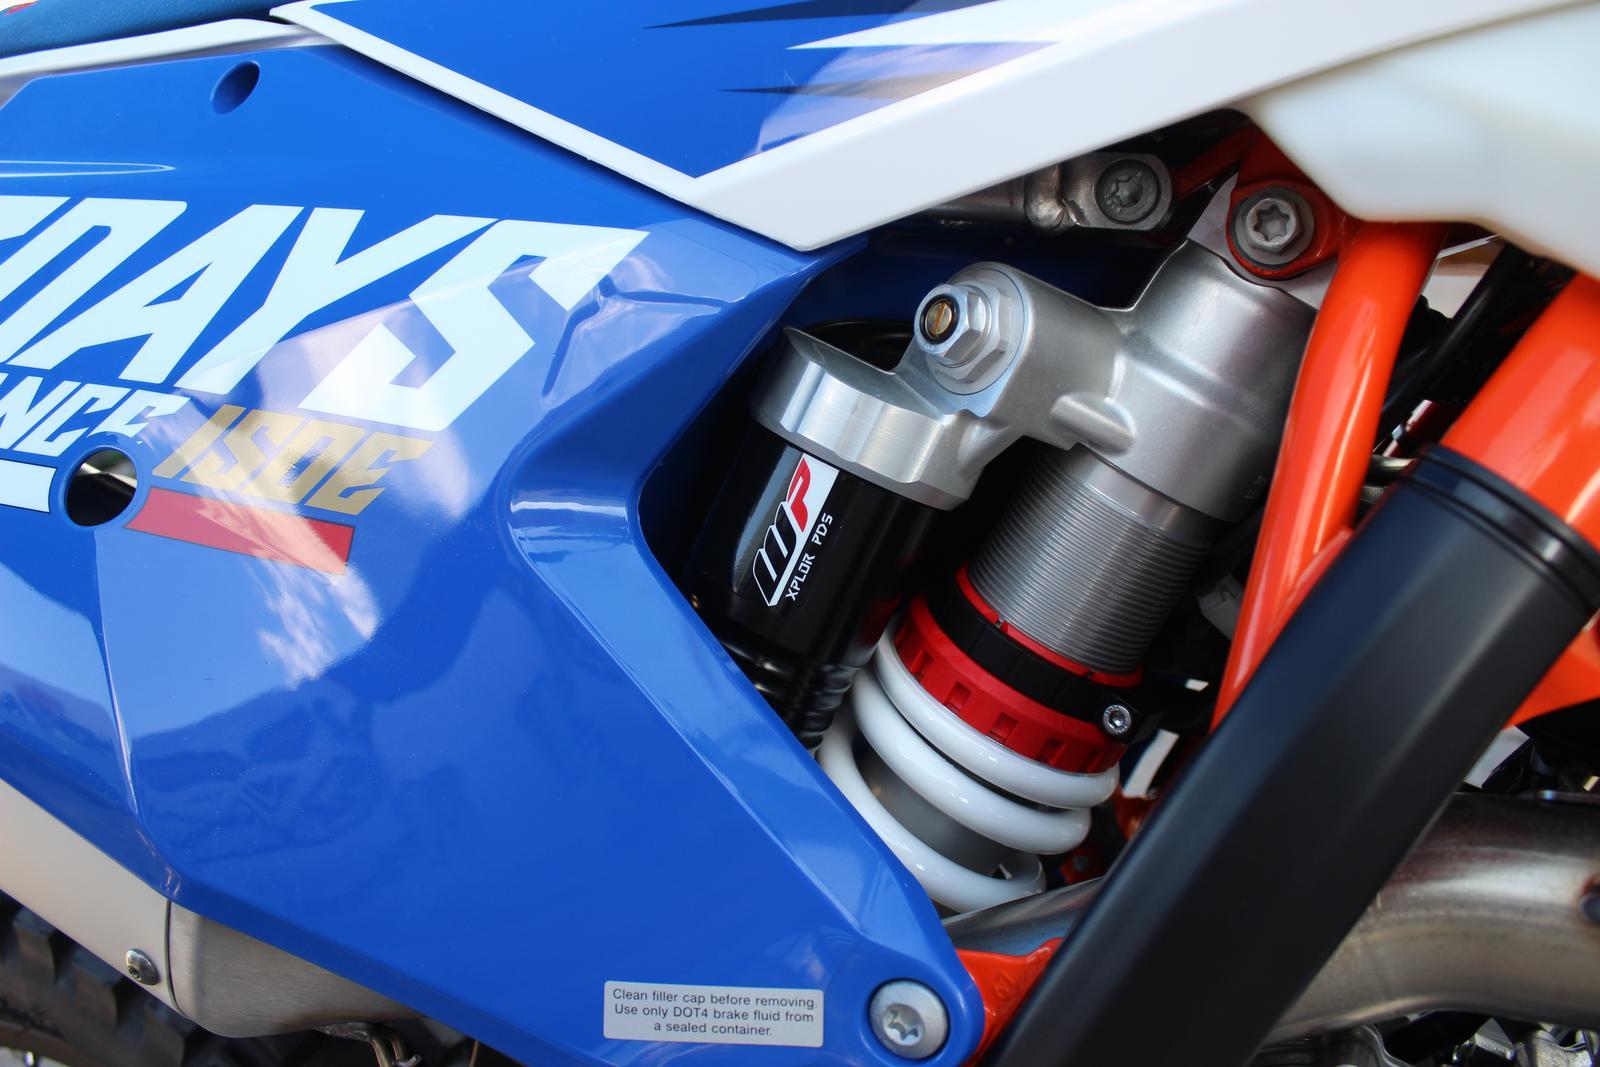 2018 ktm canada.  Canada 2018 KTM 450 EXCF Six Days 17 With Ktm Canada 2